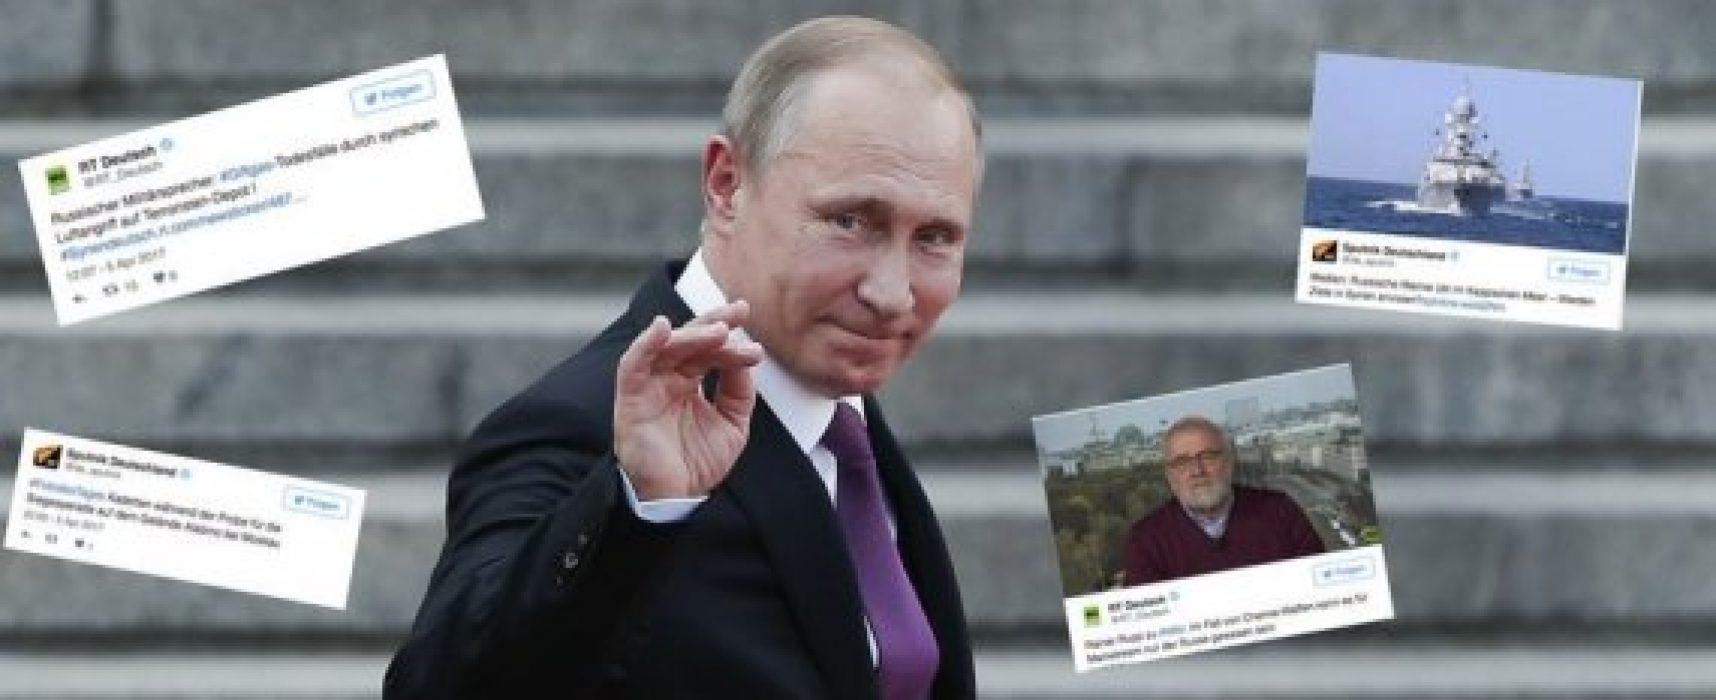 Sebastian Christ – So versuchte die russische Propaganda, die Stimmung in Deutschland nach dem Syrien-Angriff zu vergiften